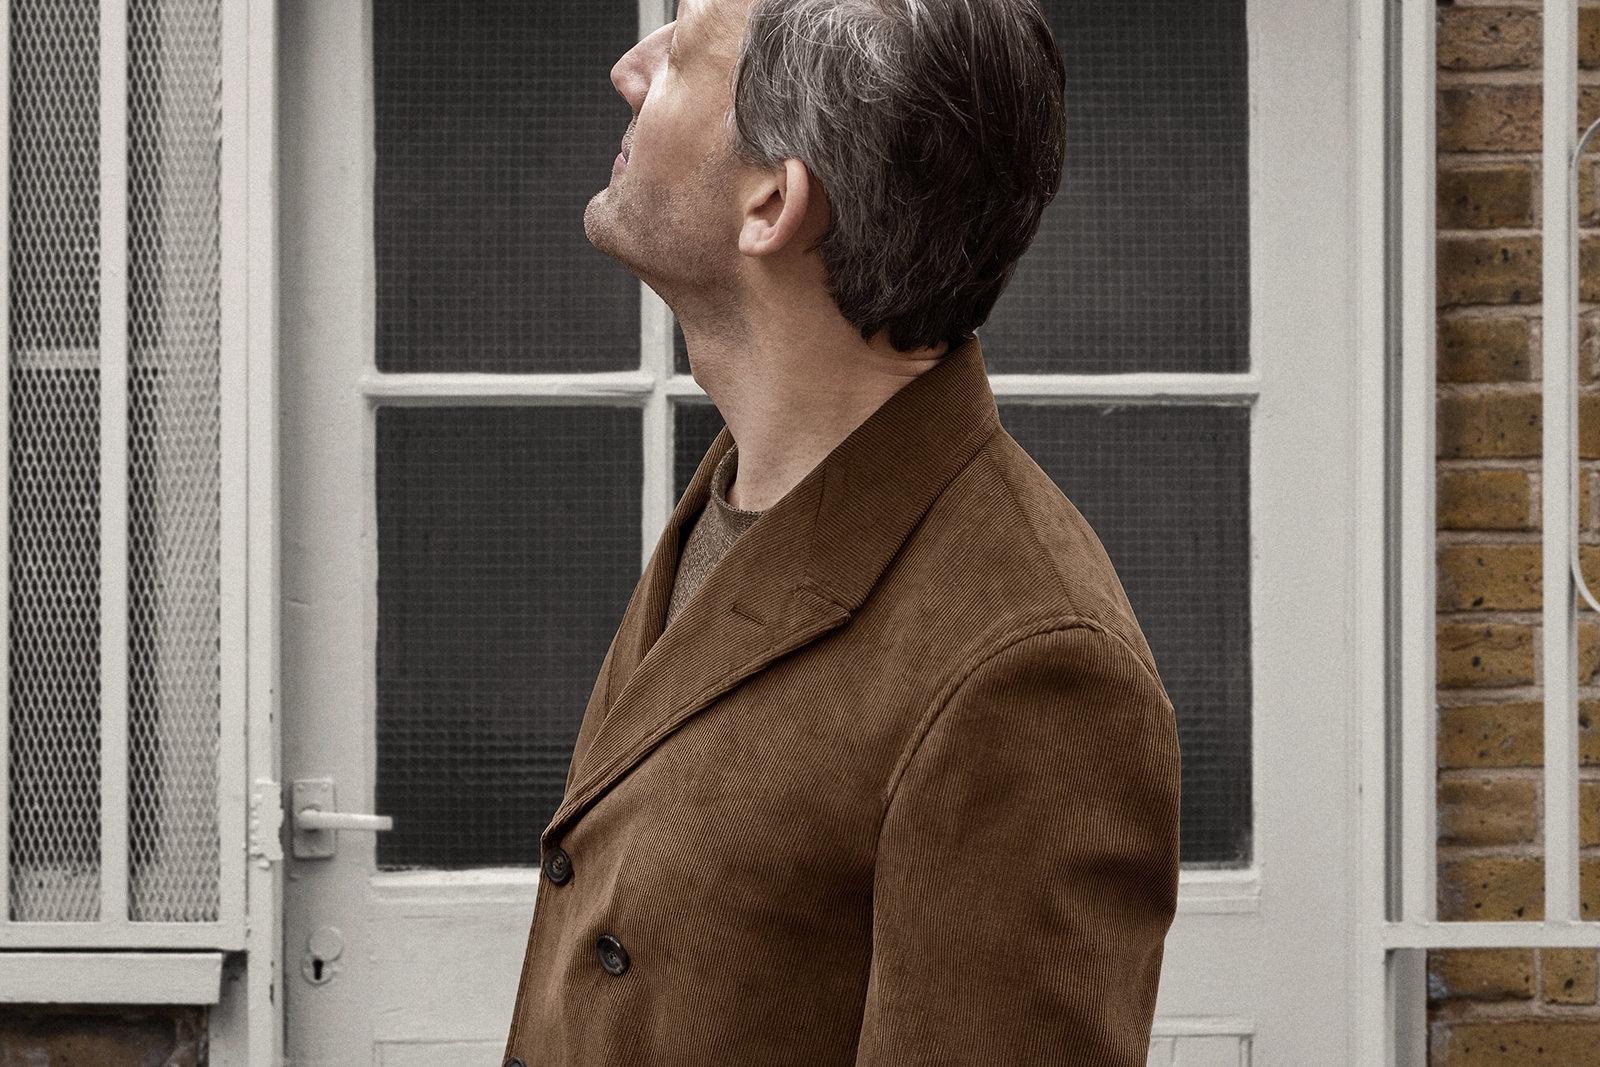 db-jacket-corduroy-cedar-brown-worn-2@2x.jpg